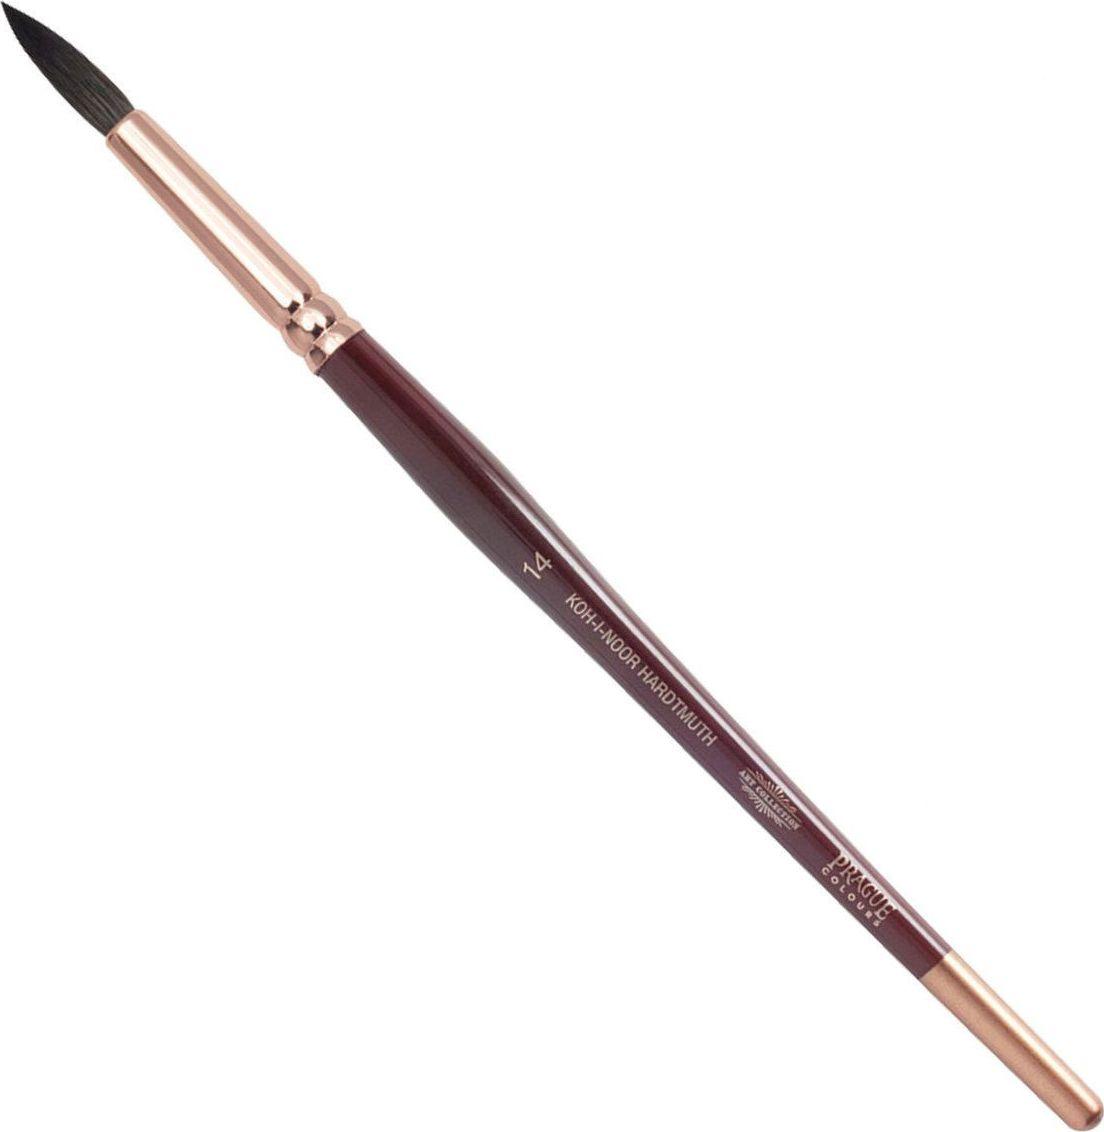 Koh-I-Noor Кисть белка круглая №14 короткая ручка200407Высококачественная кисть  Koh-i-Noor выполнена из натурального волоса белки. Волос прекрасно сохраняет форму, не ломается, впитывает влагу и хорошо моется под проточной струей воды. Подходит для акварели и индийских красок.